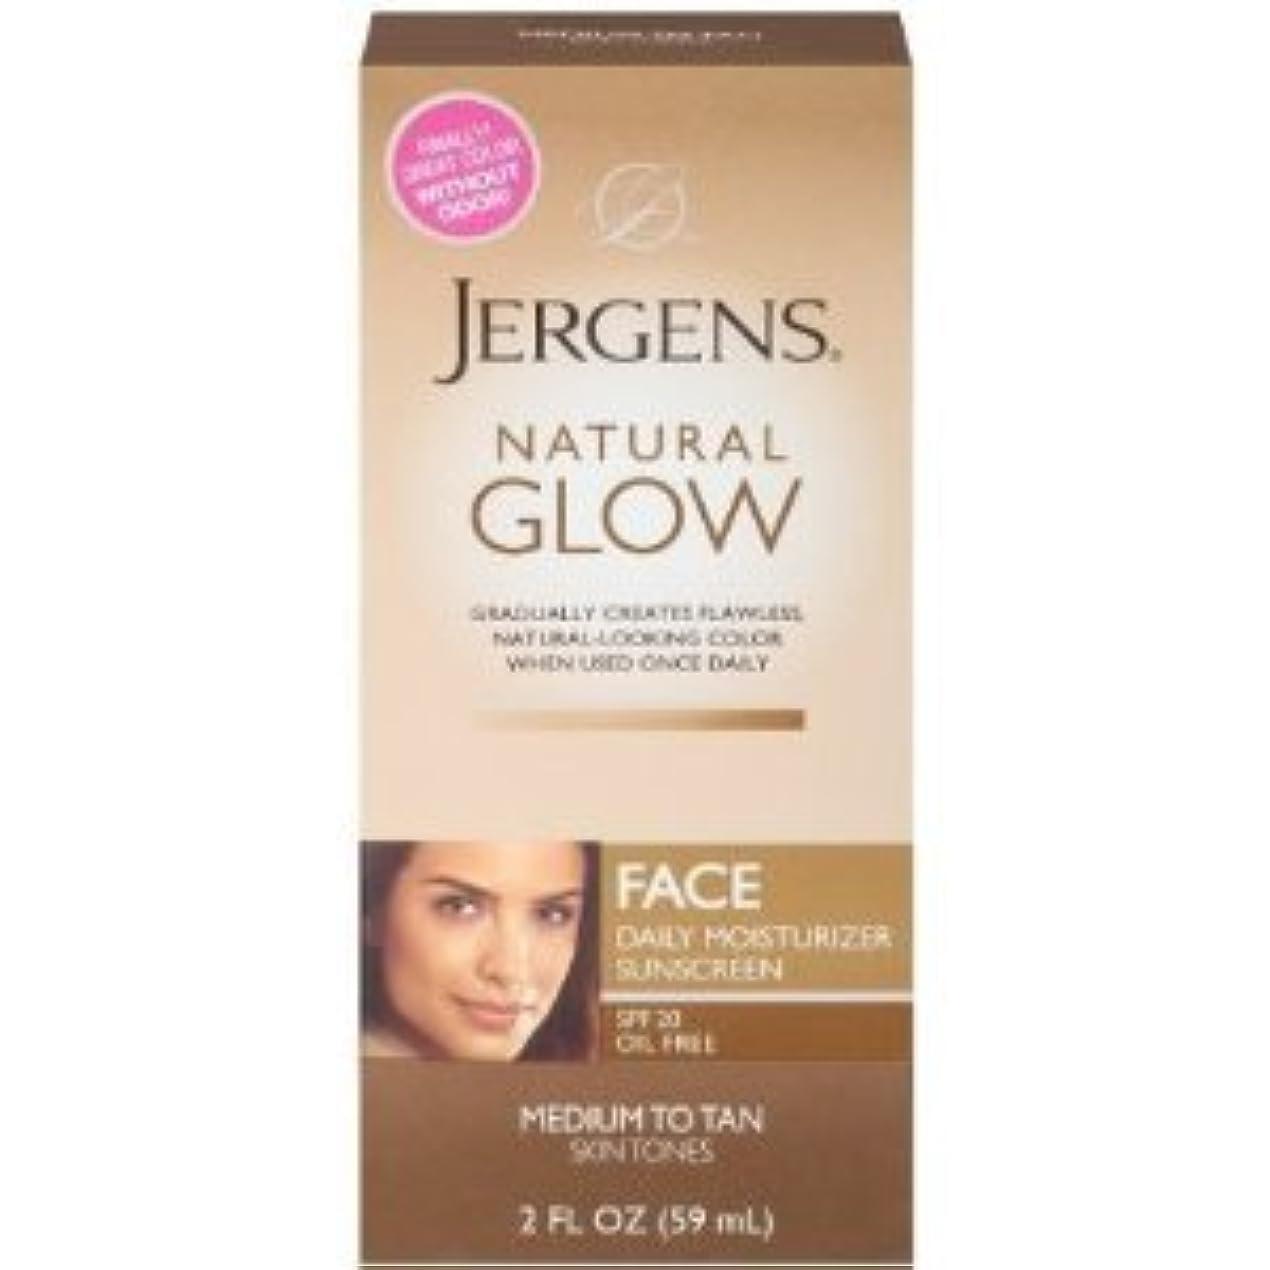 放置アナロジー水族館Natural Glow Healthy Complexion Daily Facial Moisturizer, SPF 20, Medium to Tan, (59ml) (海外直送品)